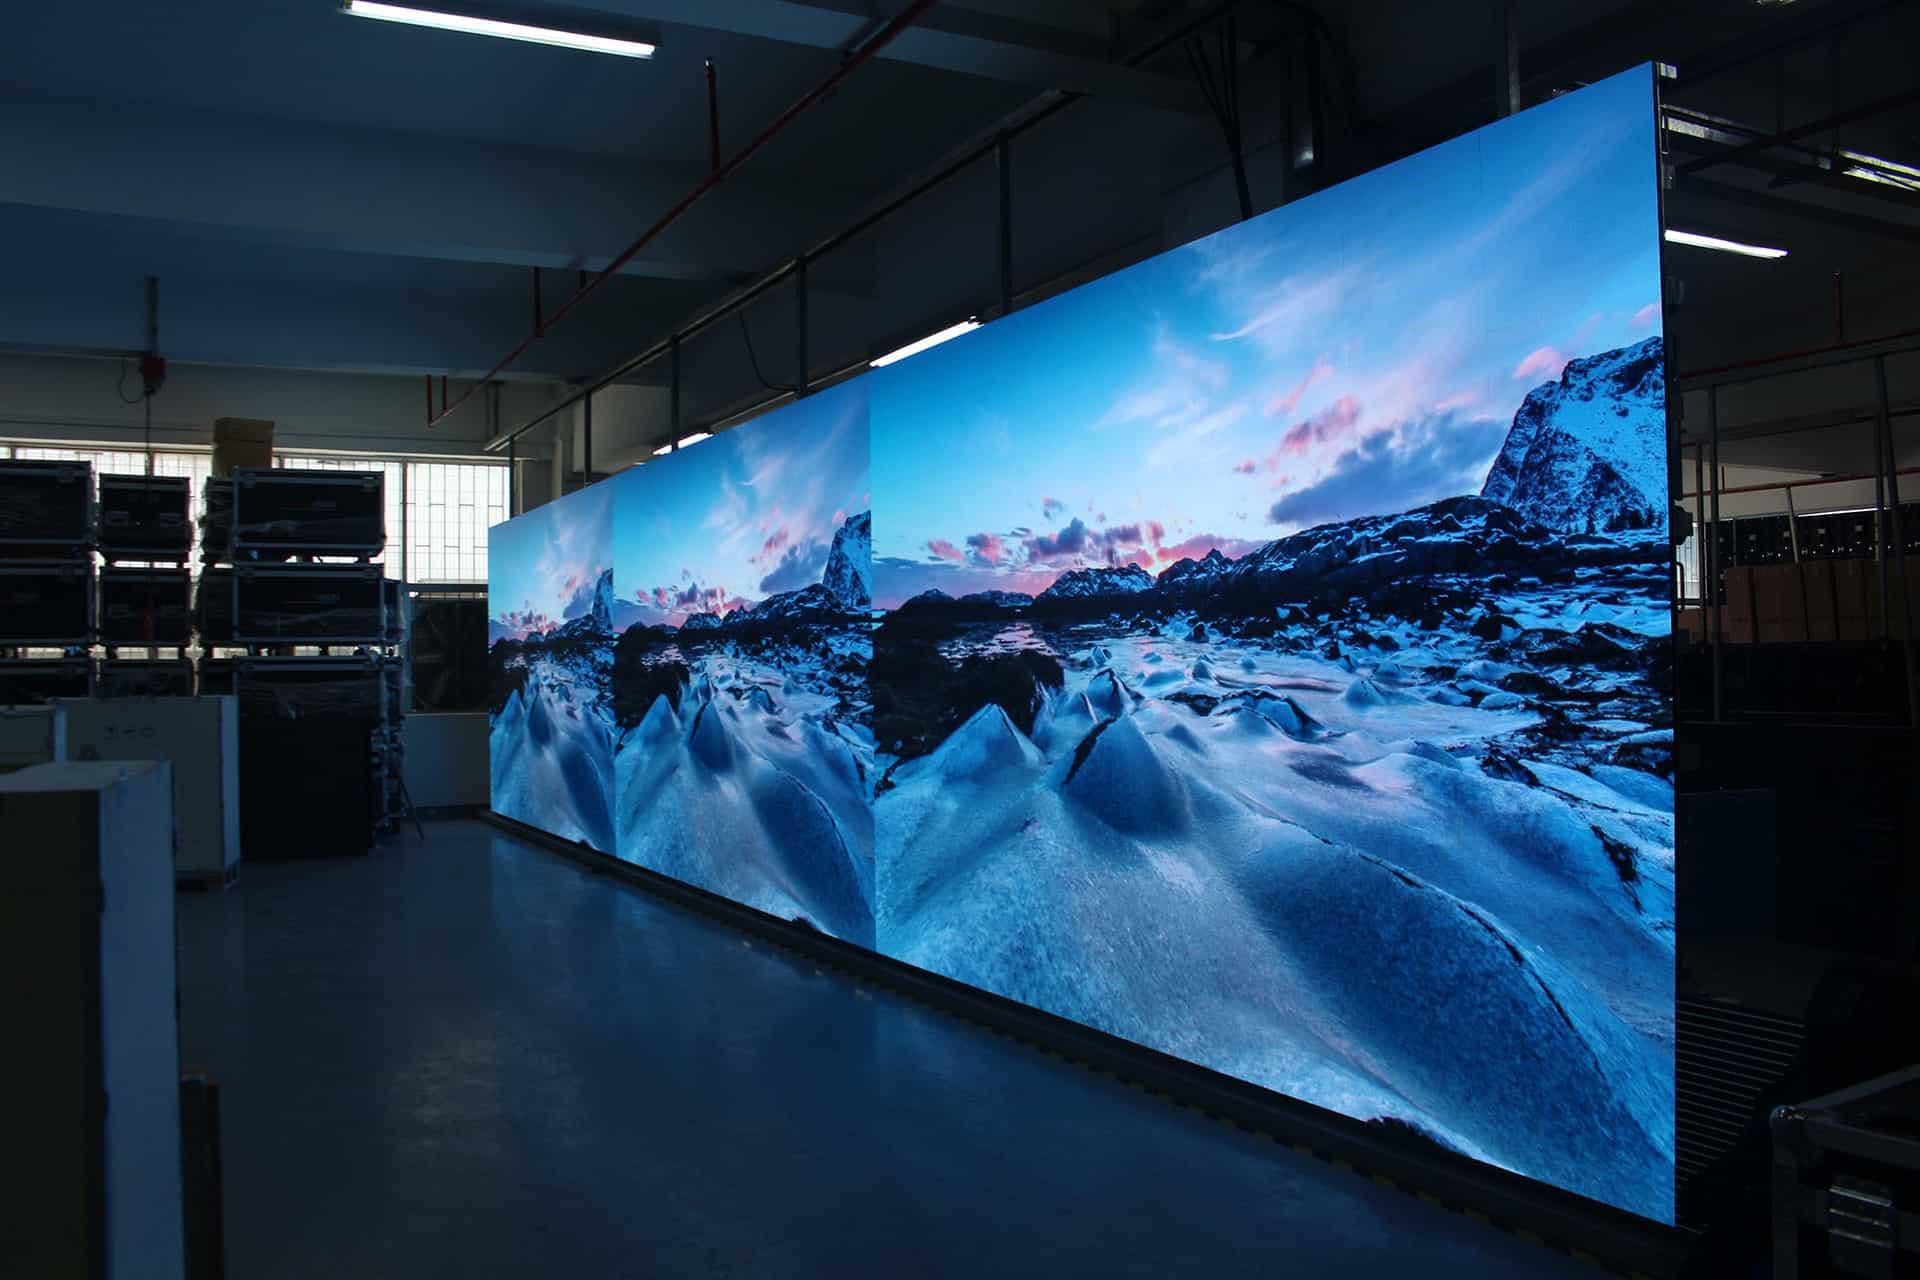 拯救电视IC市场?机构称电视用微型LED芯片年销量可达34亿美金